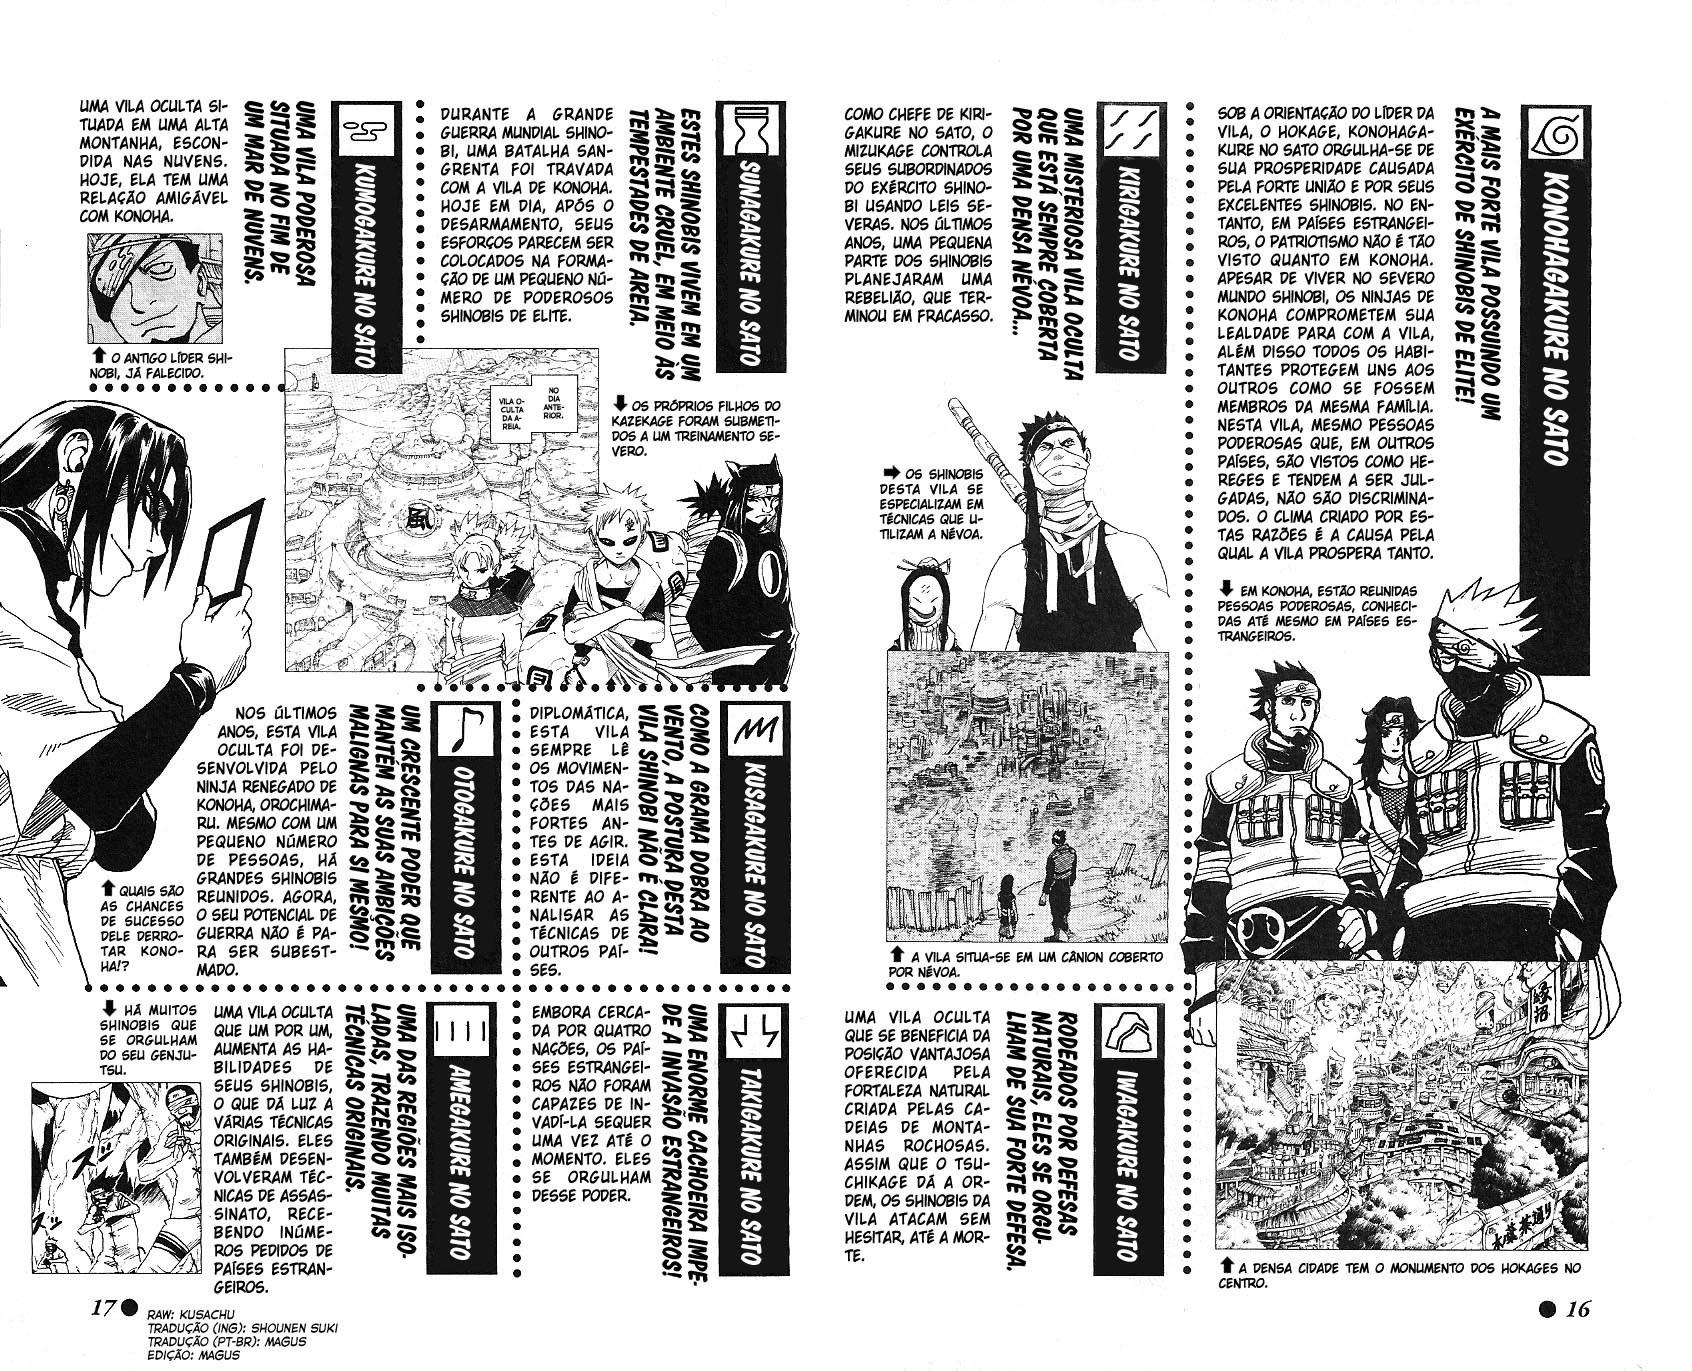 Mapa do Mundo conhecido de Naruto (Político e Físico) 016-017